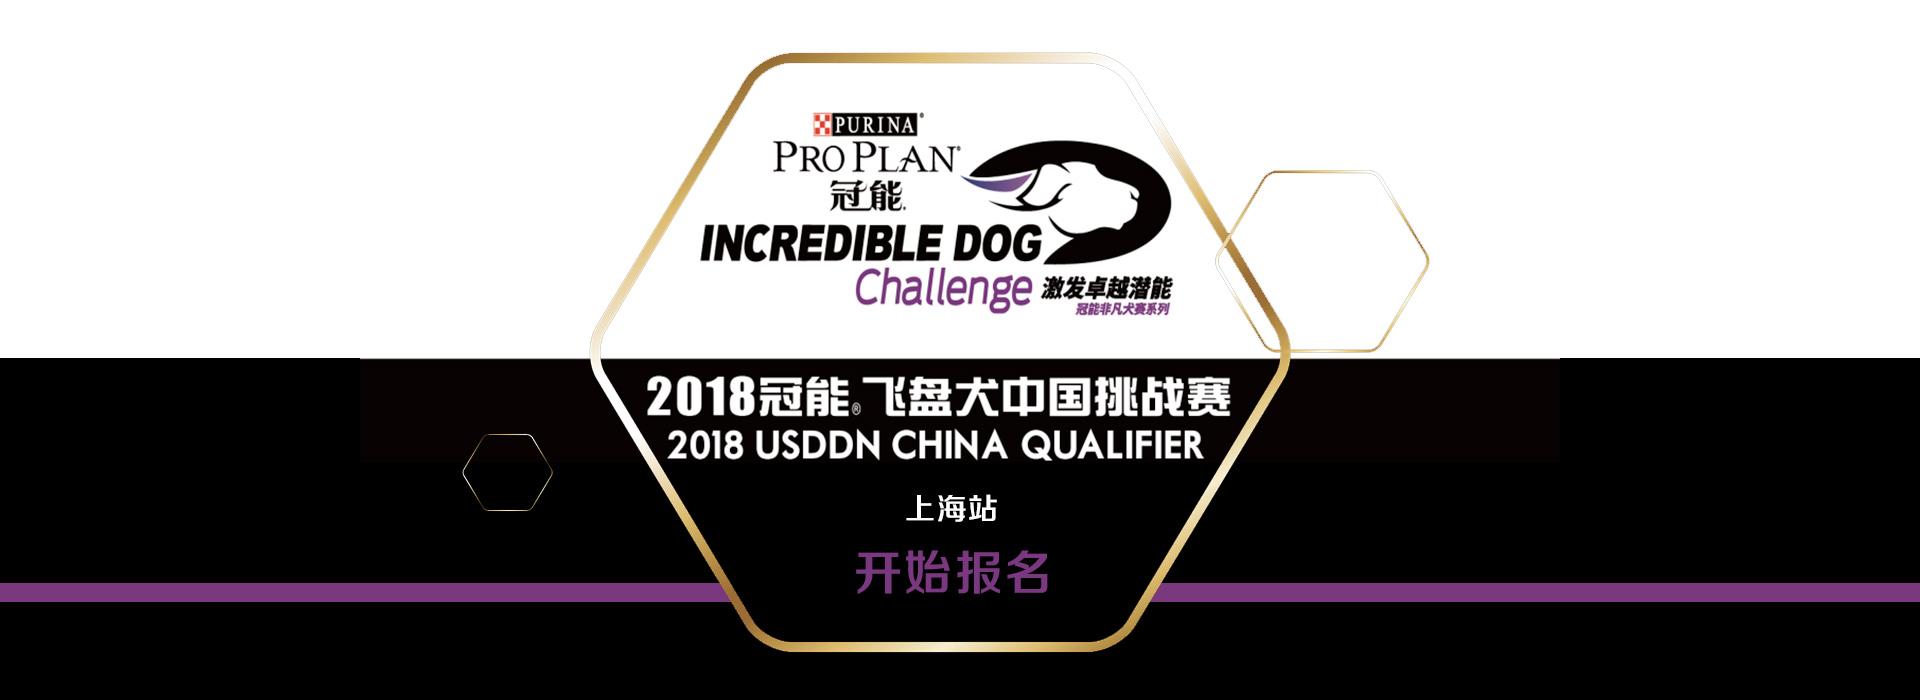 2018冠能飞盘犬中国挑战赛